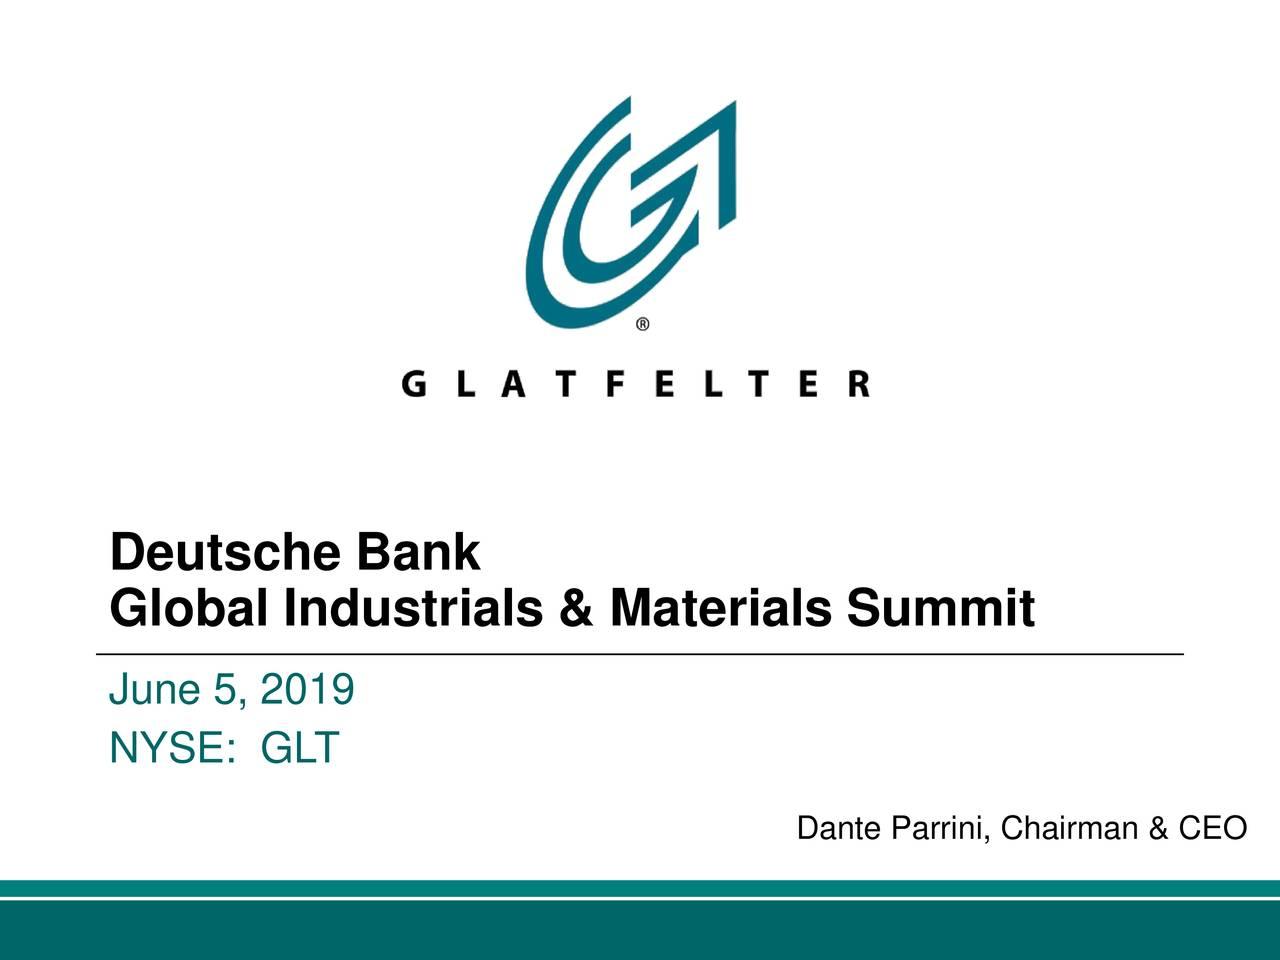 Glatfelter (GLT) Presents At Deutsche Bank 10th Annual Global Industrials & Materials Summit - Slideshow